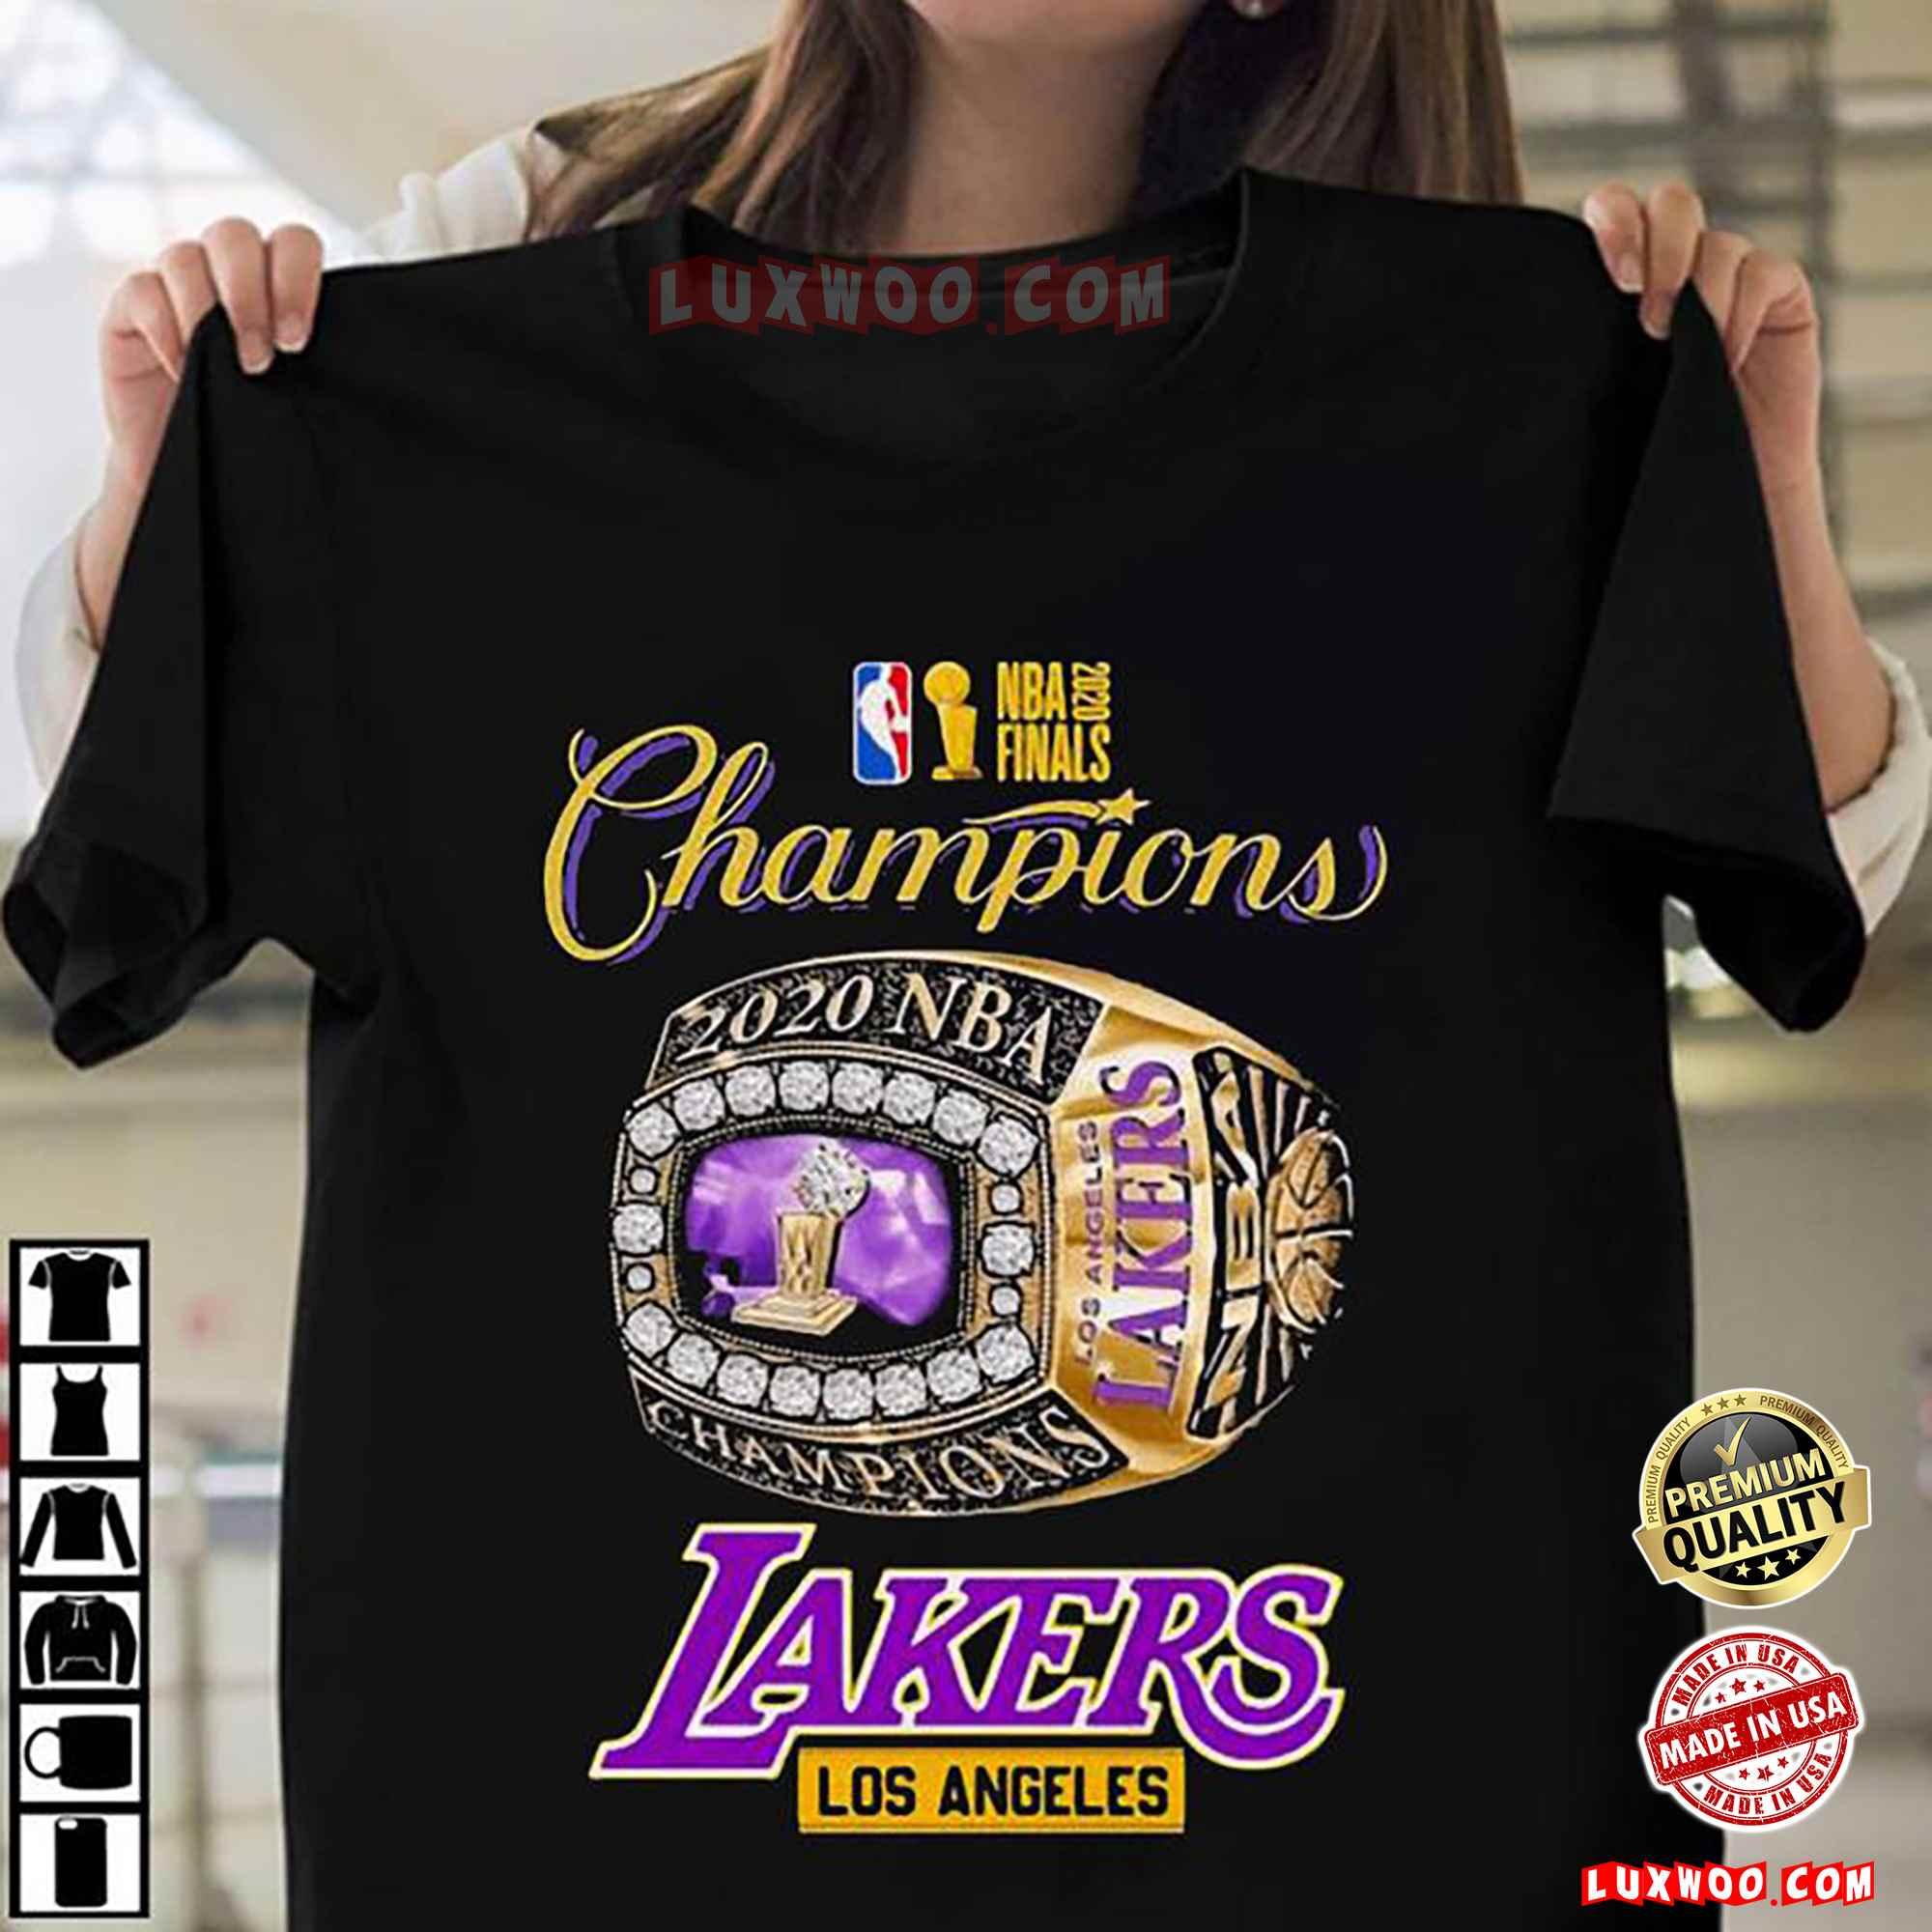 Nba Finals 2020 Champions Los Angeles Lakers Shirt La Lakers Championship Ring King Shirt